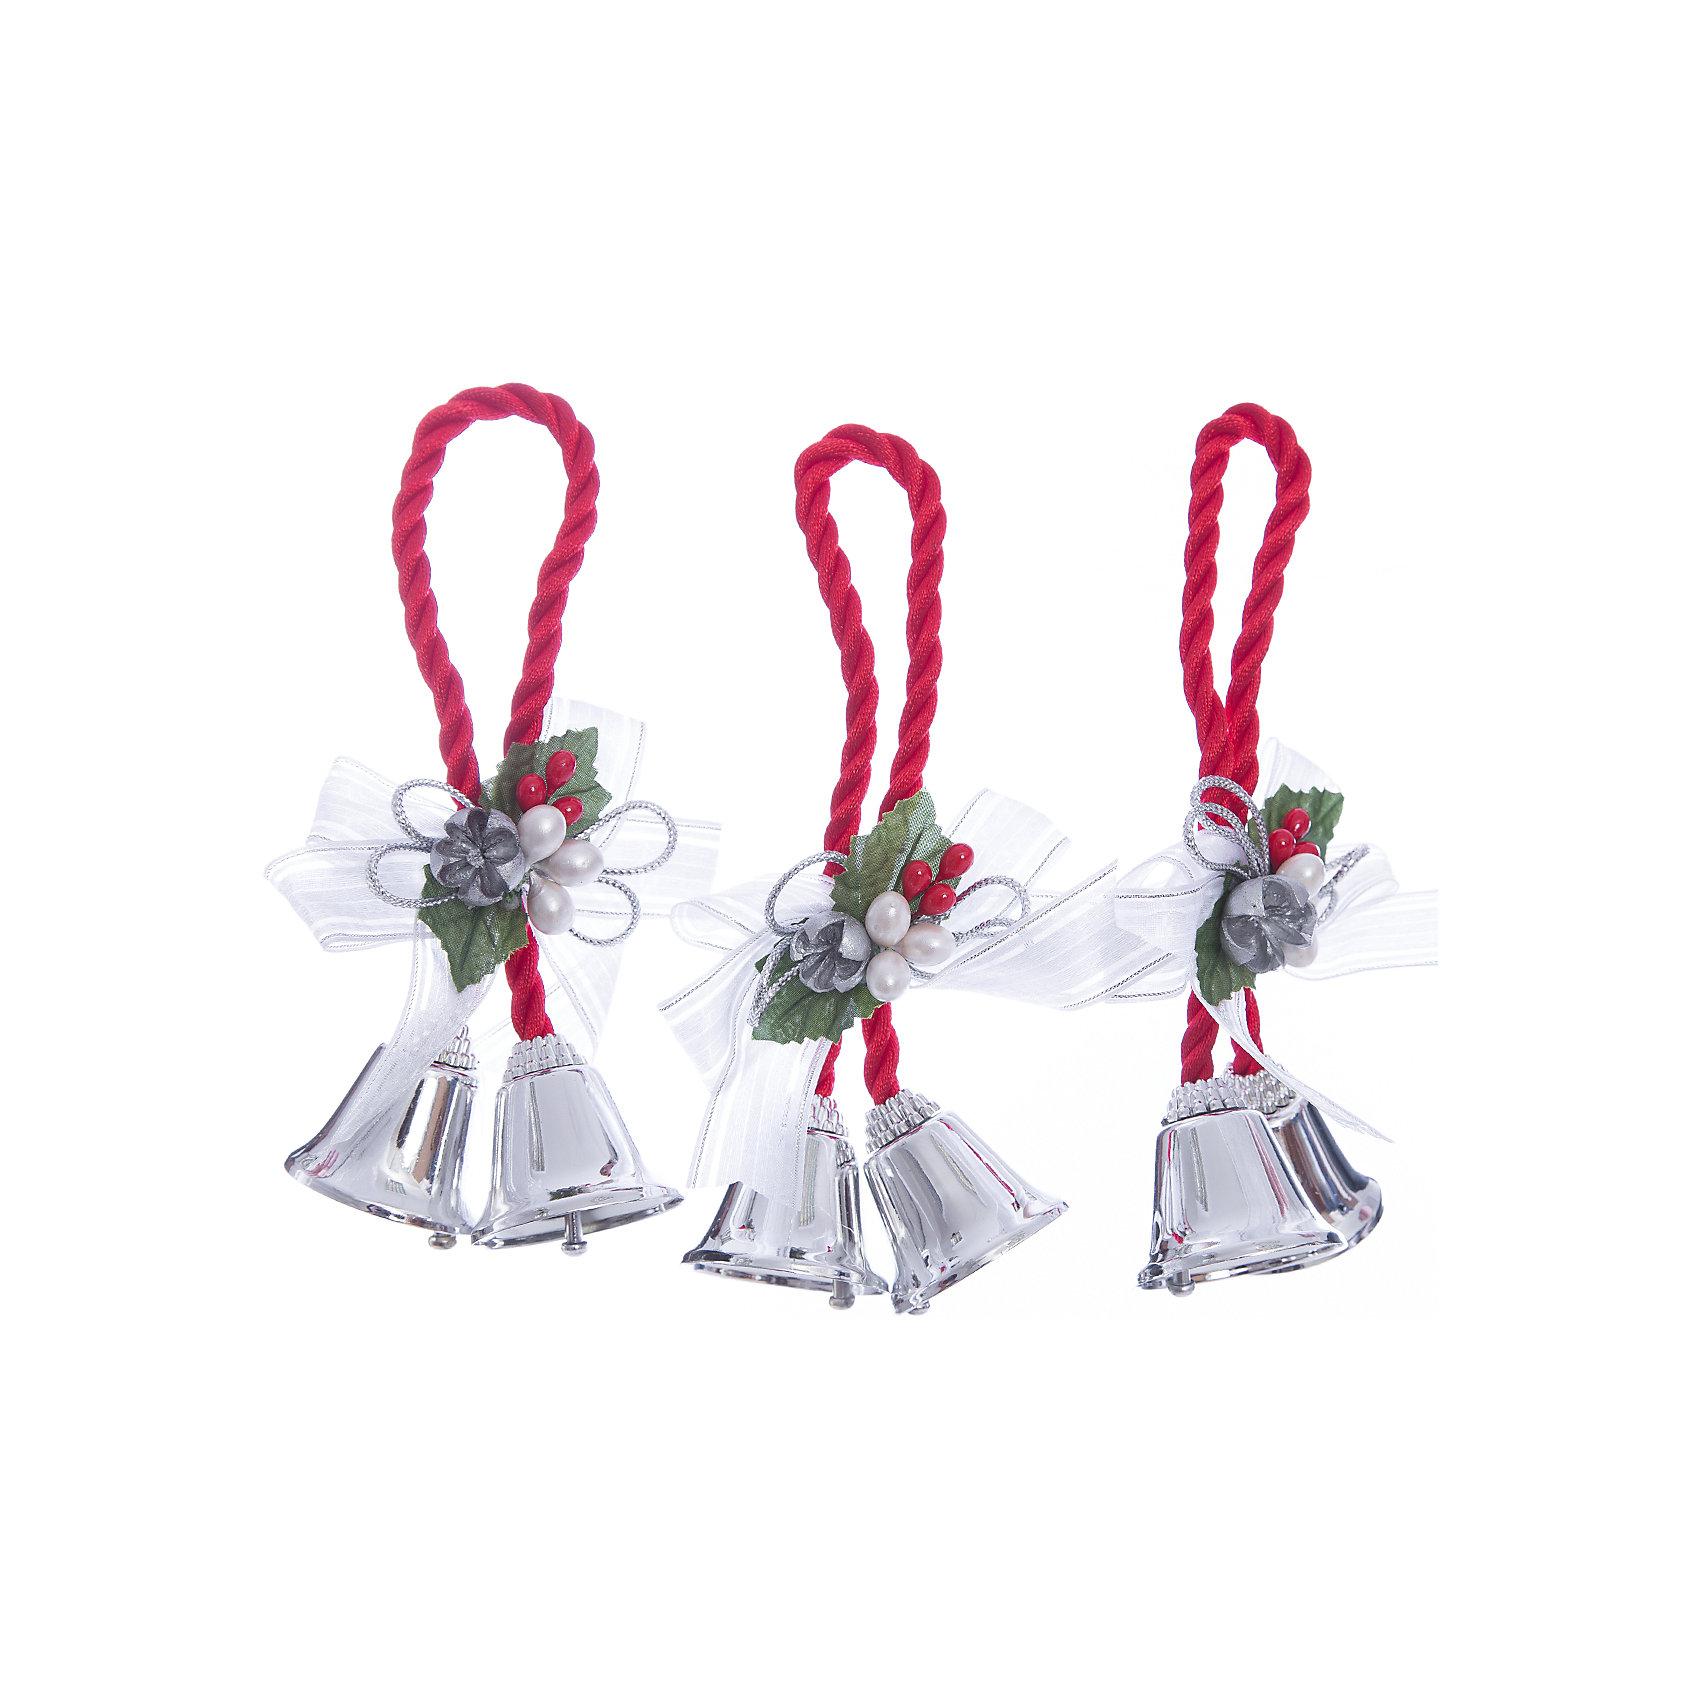 Украшение Серебряные колокольчики с белым бантикомНовинки Новый Год<br>Украшение Серебряные колокольчики с белым бантиком, Феникс-Презент, замечательно дополнит наряд Вашей новогодней елки и поможет создать праздничную волшебную атмосферу. Украшение выполнено в виде связки из двух серебряных колокольчиков и декорировано нарядным бантиком, бусинками и ягодками, оно будет чудесно смотреться на елке и радовать детей и взрослых. <br><br>Дополнительная информация:<br><br>- Материал: металл, полиэстер.<br>- Размер украшения: 10,2 см.<br>- Размер упаковки: 2 x 13 x 19 см.<br>- Вес: 43 гр.<br><br>Украшение Серебряные колокольчики с белым бантиком, Феникс-Презент, можно купить в нашем интернет-магазине.<br><br>Ширина мм: 20<br>Глубина мм: 130<br>Высота мм: 190<br>Вес г: 43<br>Возраст от месяцев: 36<br>Возраст до месяцев: 2147483647<br>Пол: Унисекс<br>Возраст: Детский<br>SKU: 4276555